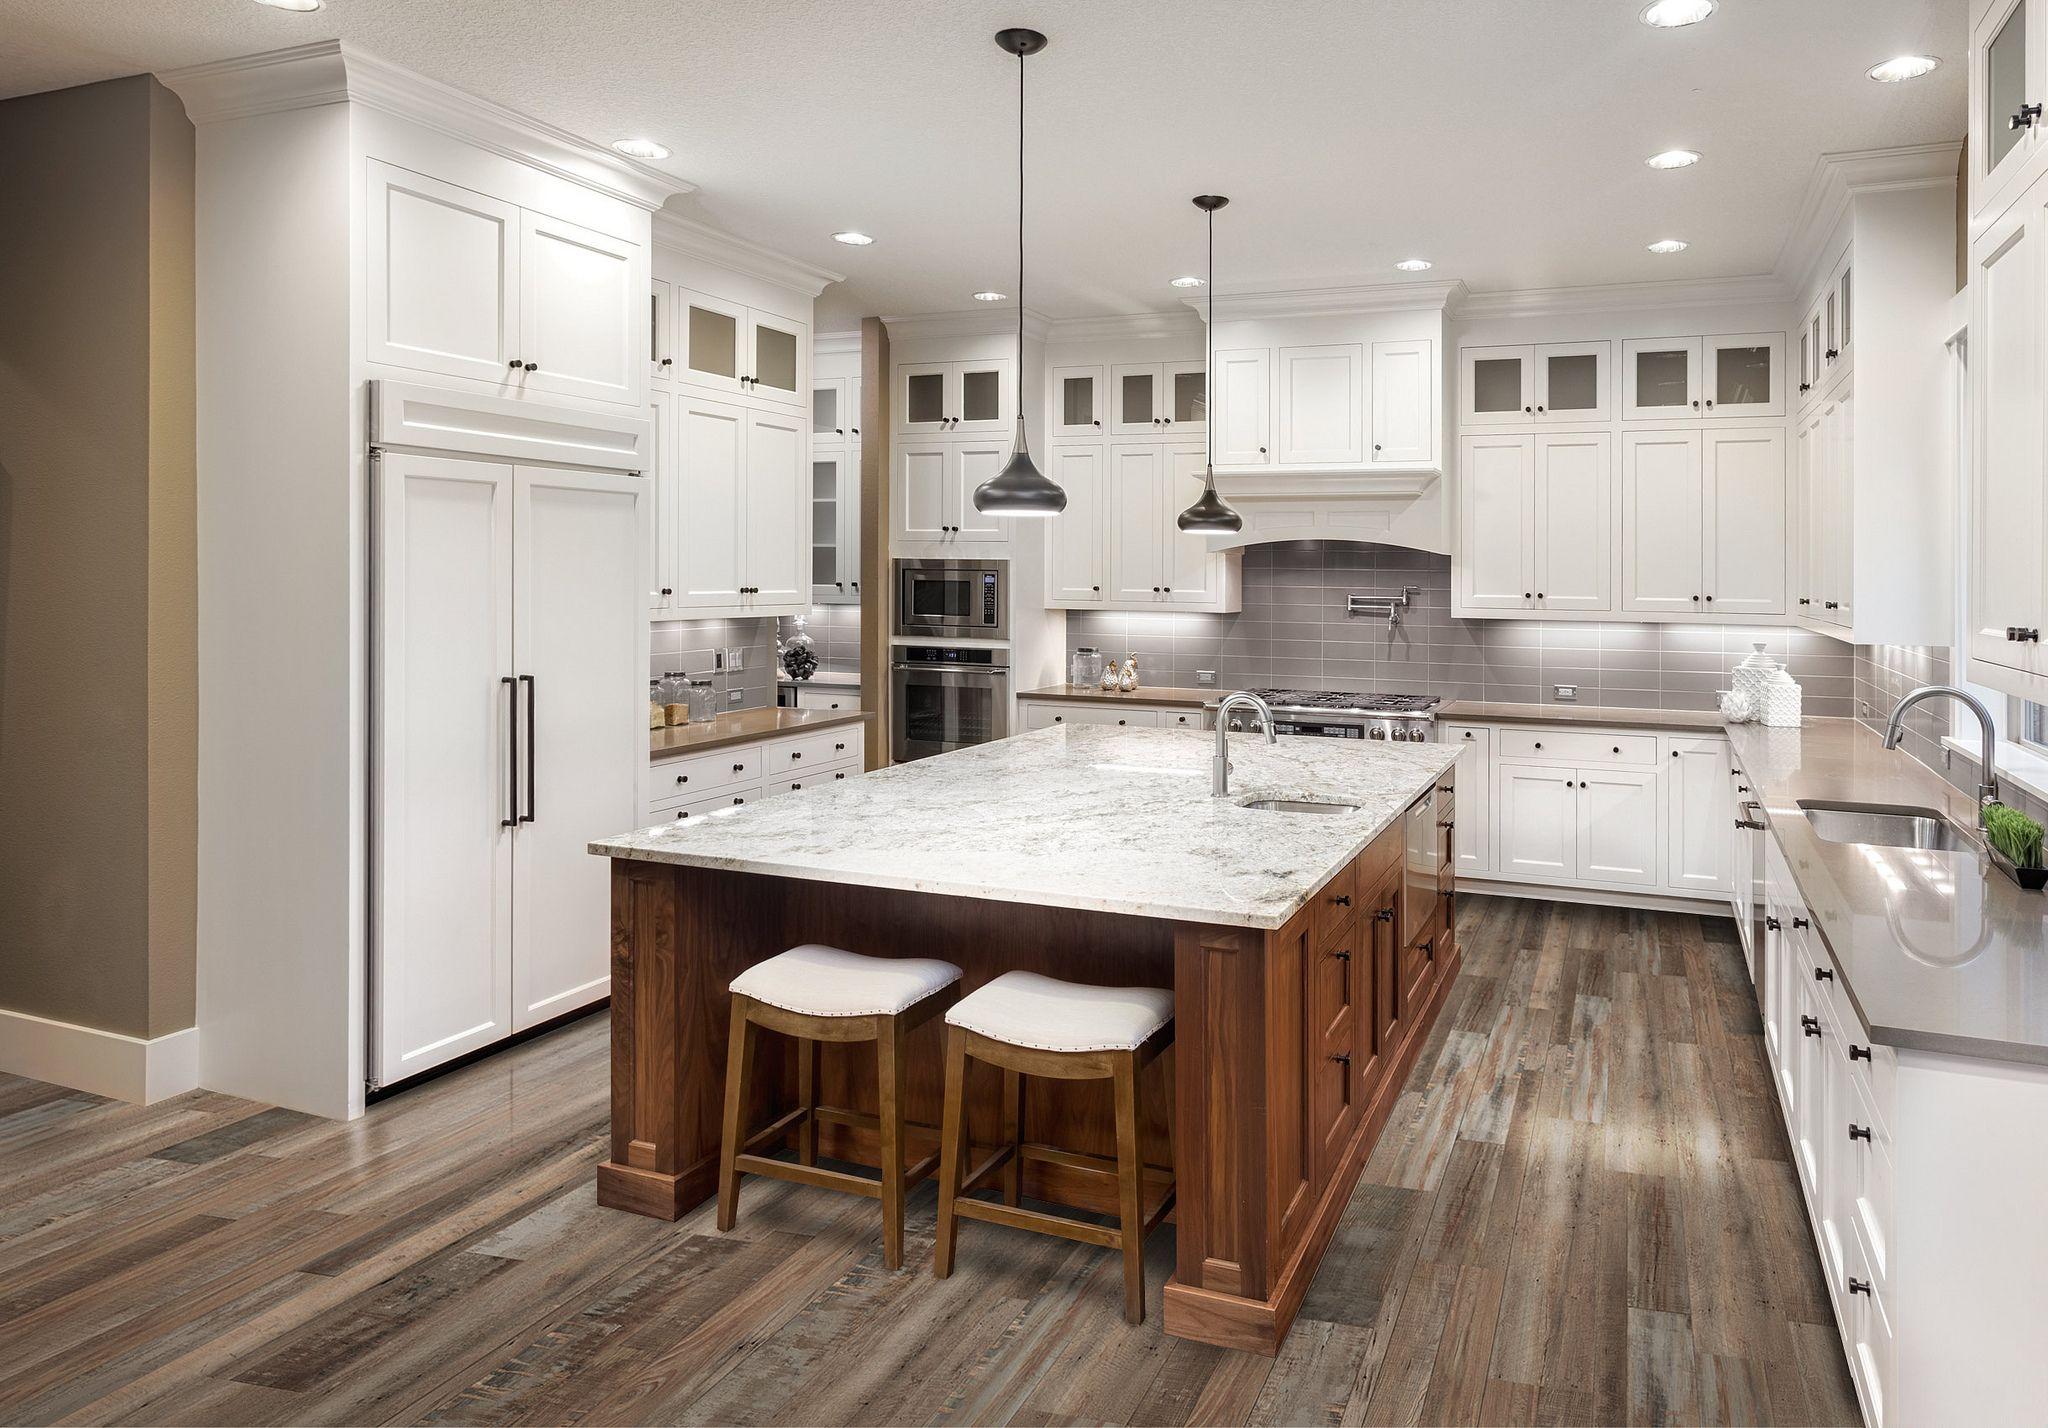 Redefined Pine Rustic Vinyl Flooring Large Kitchen Interior Kitchen Interior Kitchen Remodel